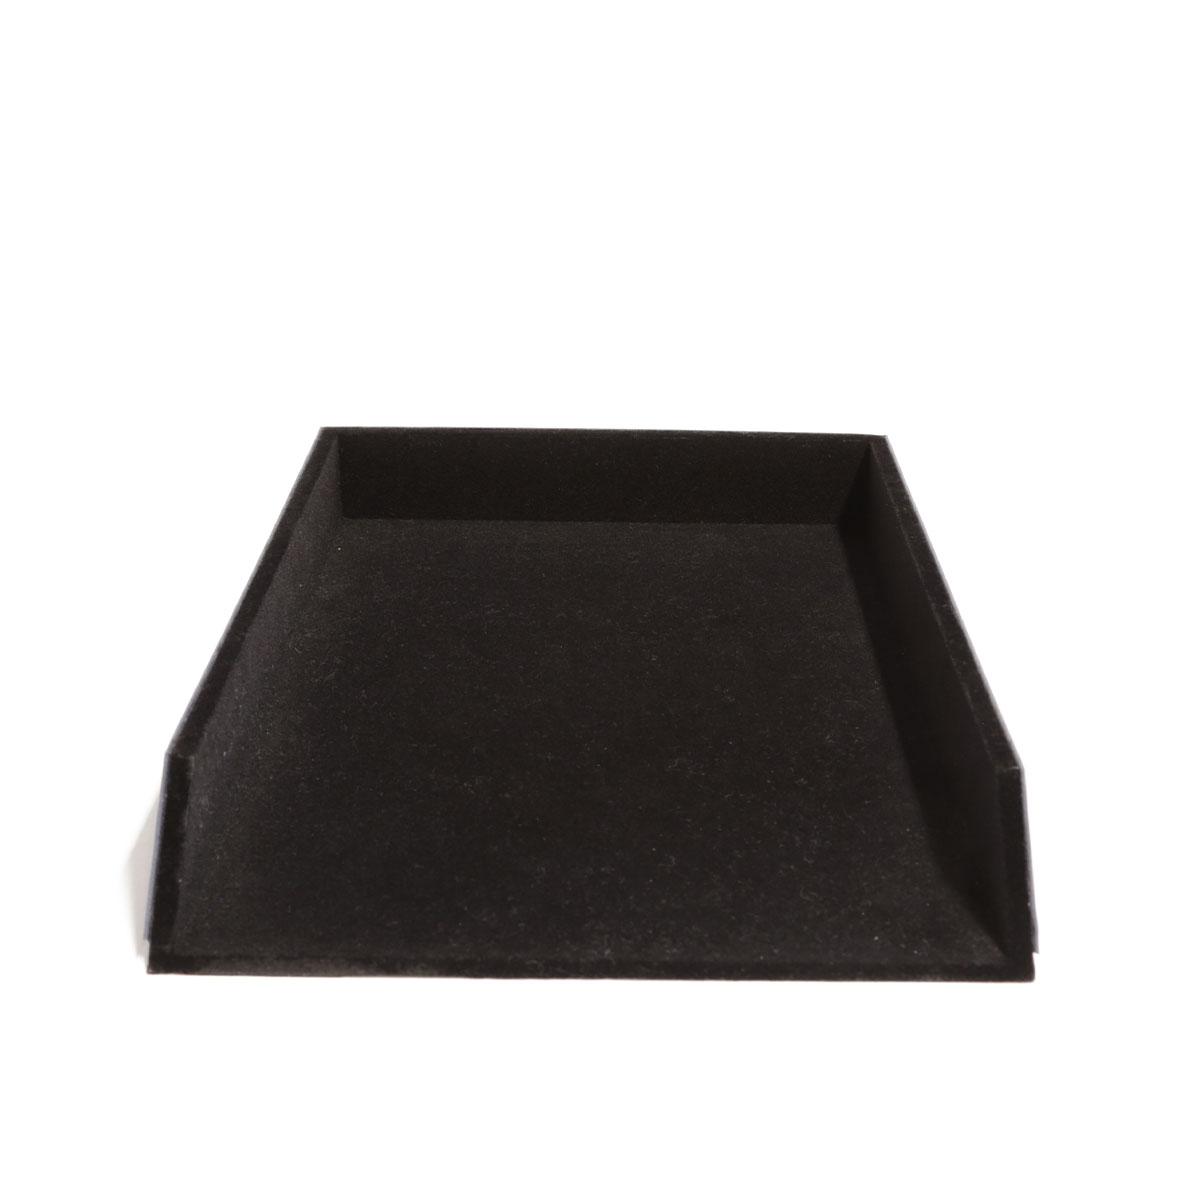 Caixa porta papel A4 (Savana Avelã)